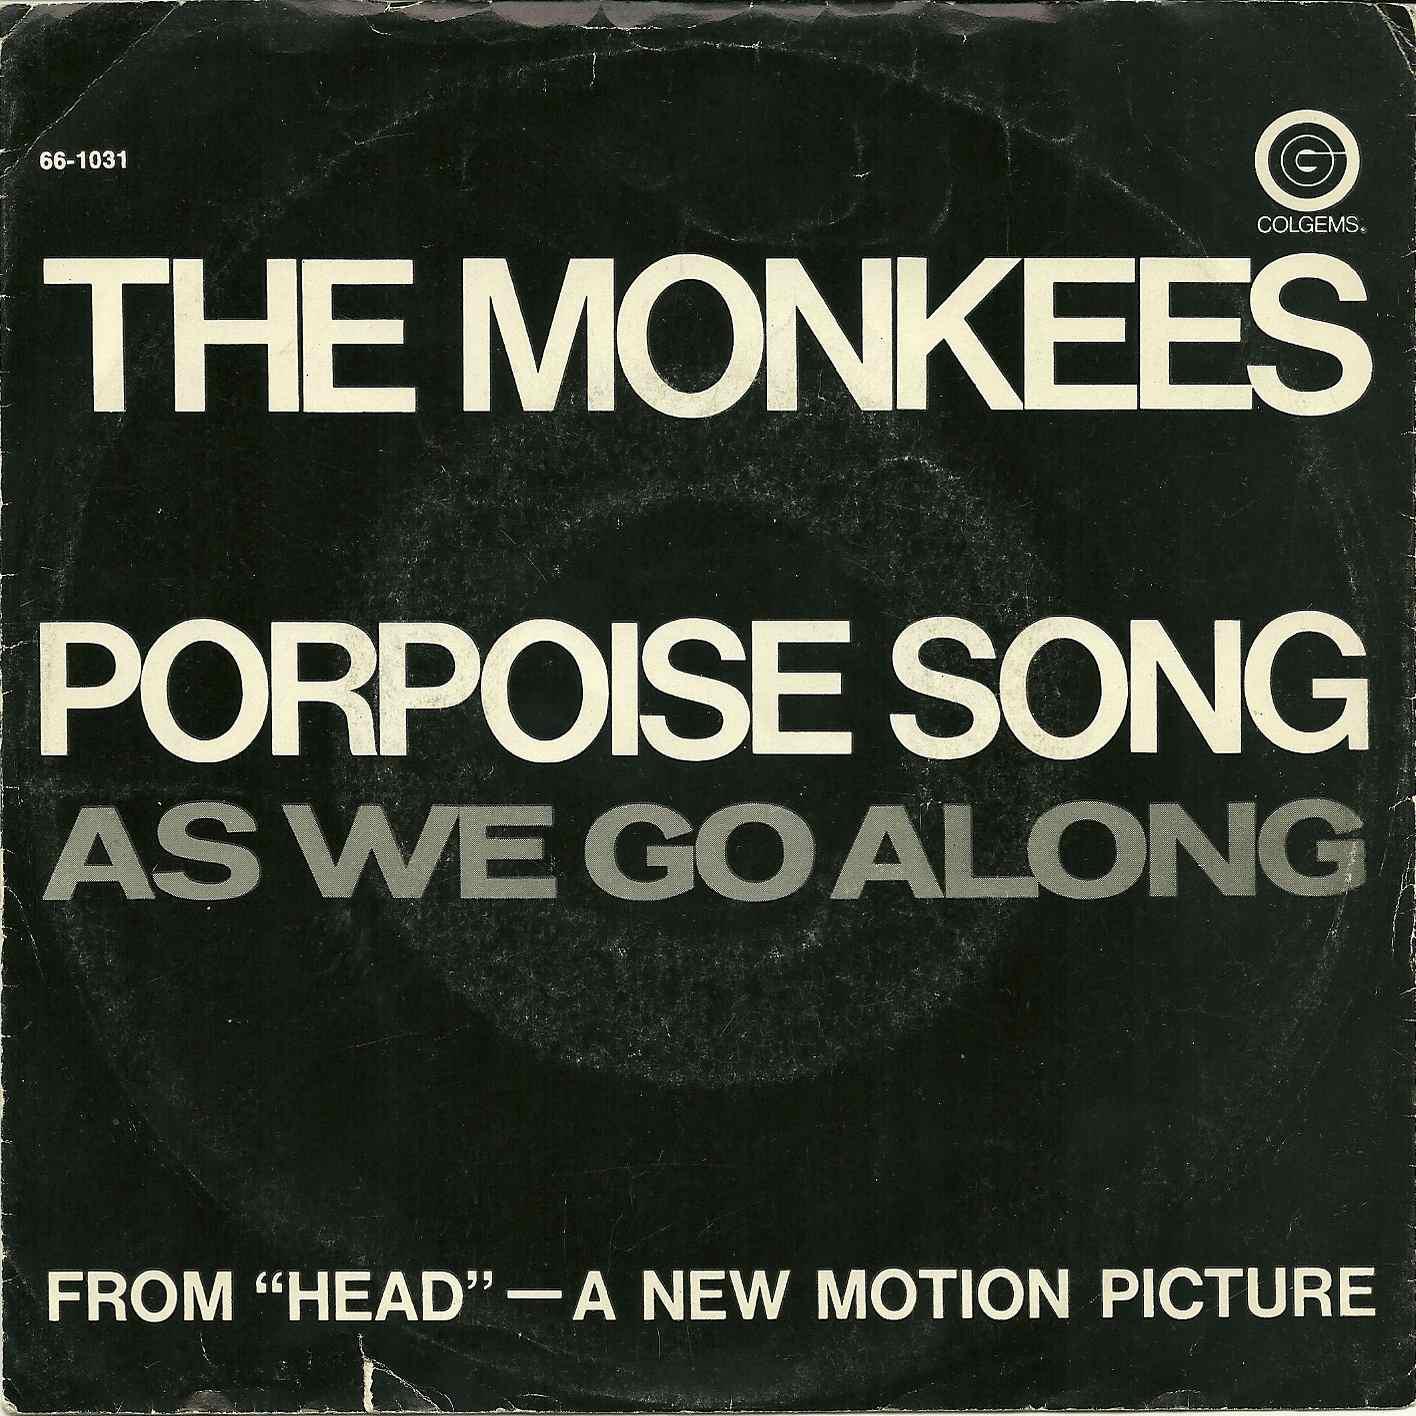 Top 10 Monkees Songs, Best of the Pioneer Boy Band